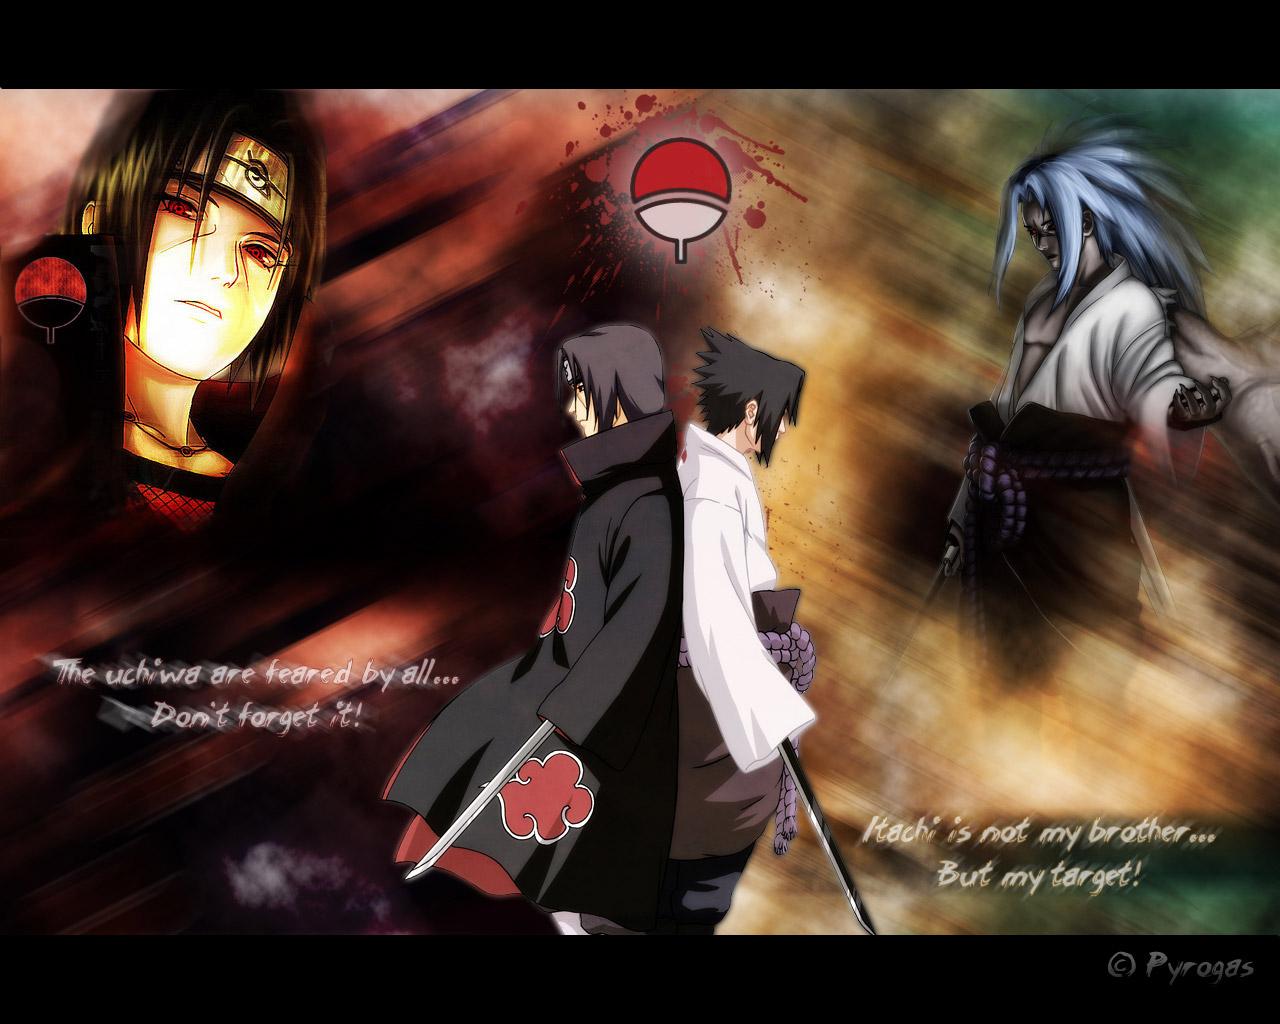 Naruto Shippuden Vs Goku 23235 Wallpapers Naruto Friends Wallpaper 1280x1024